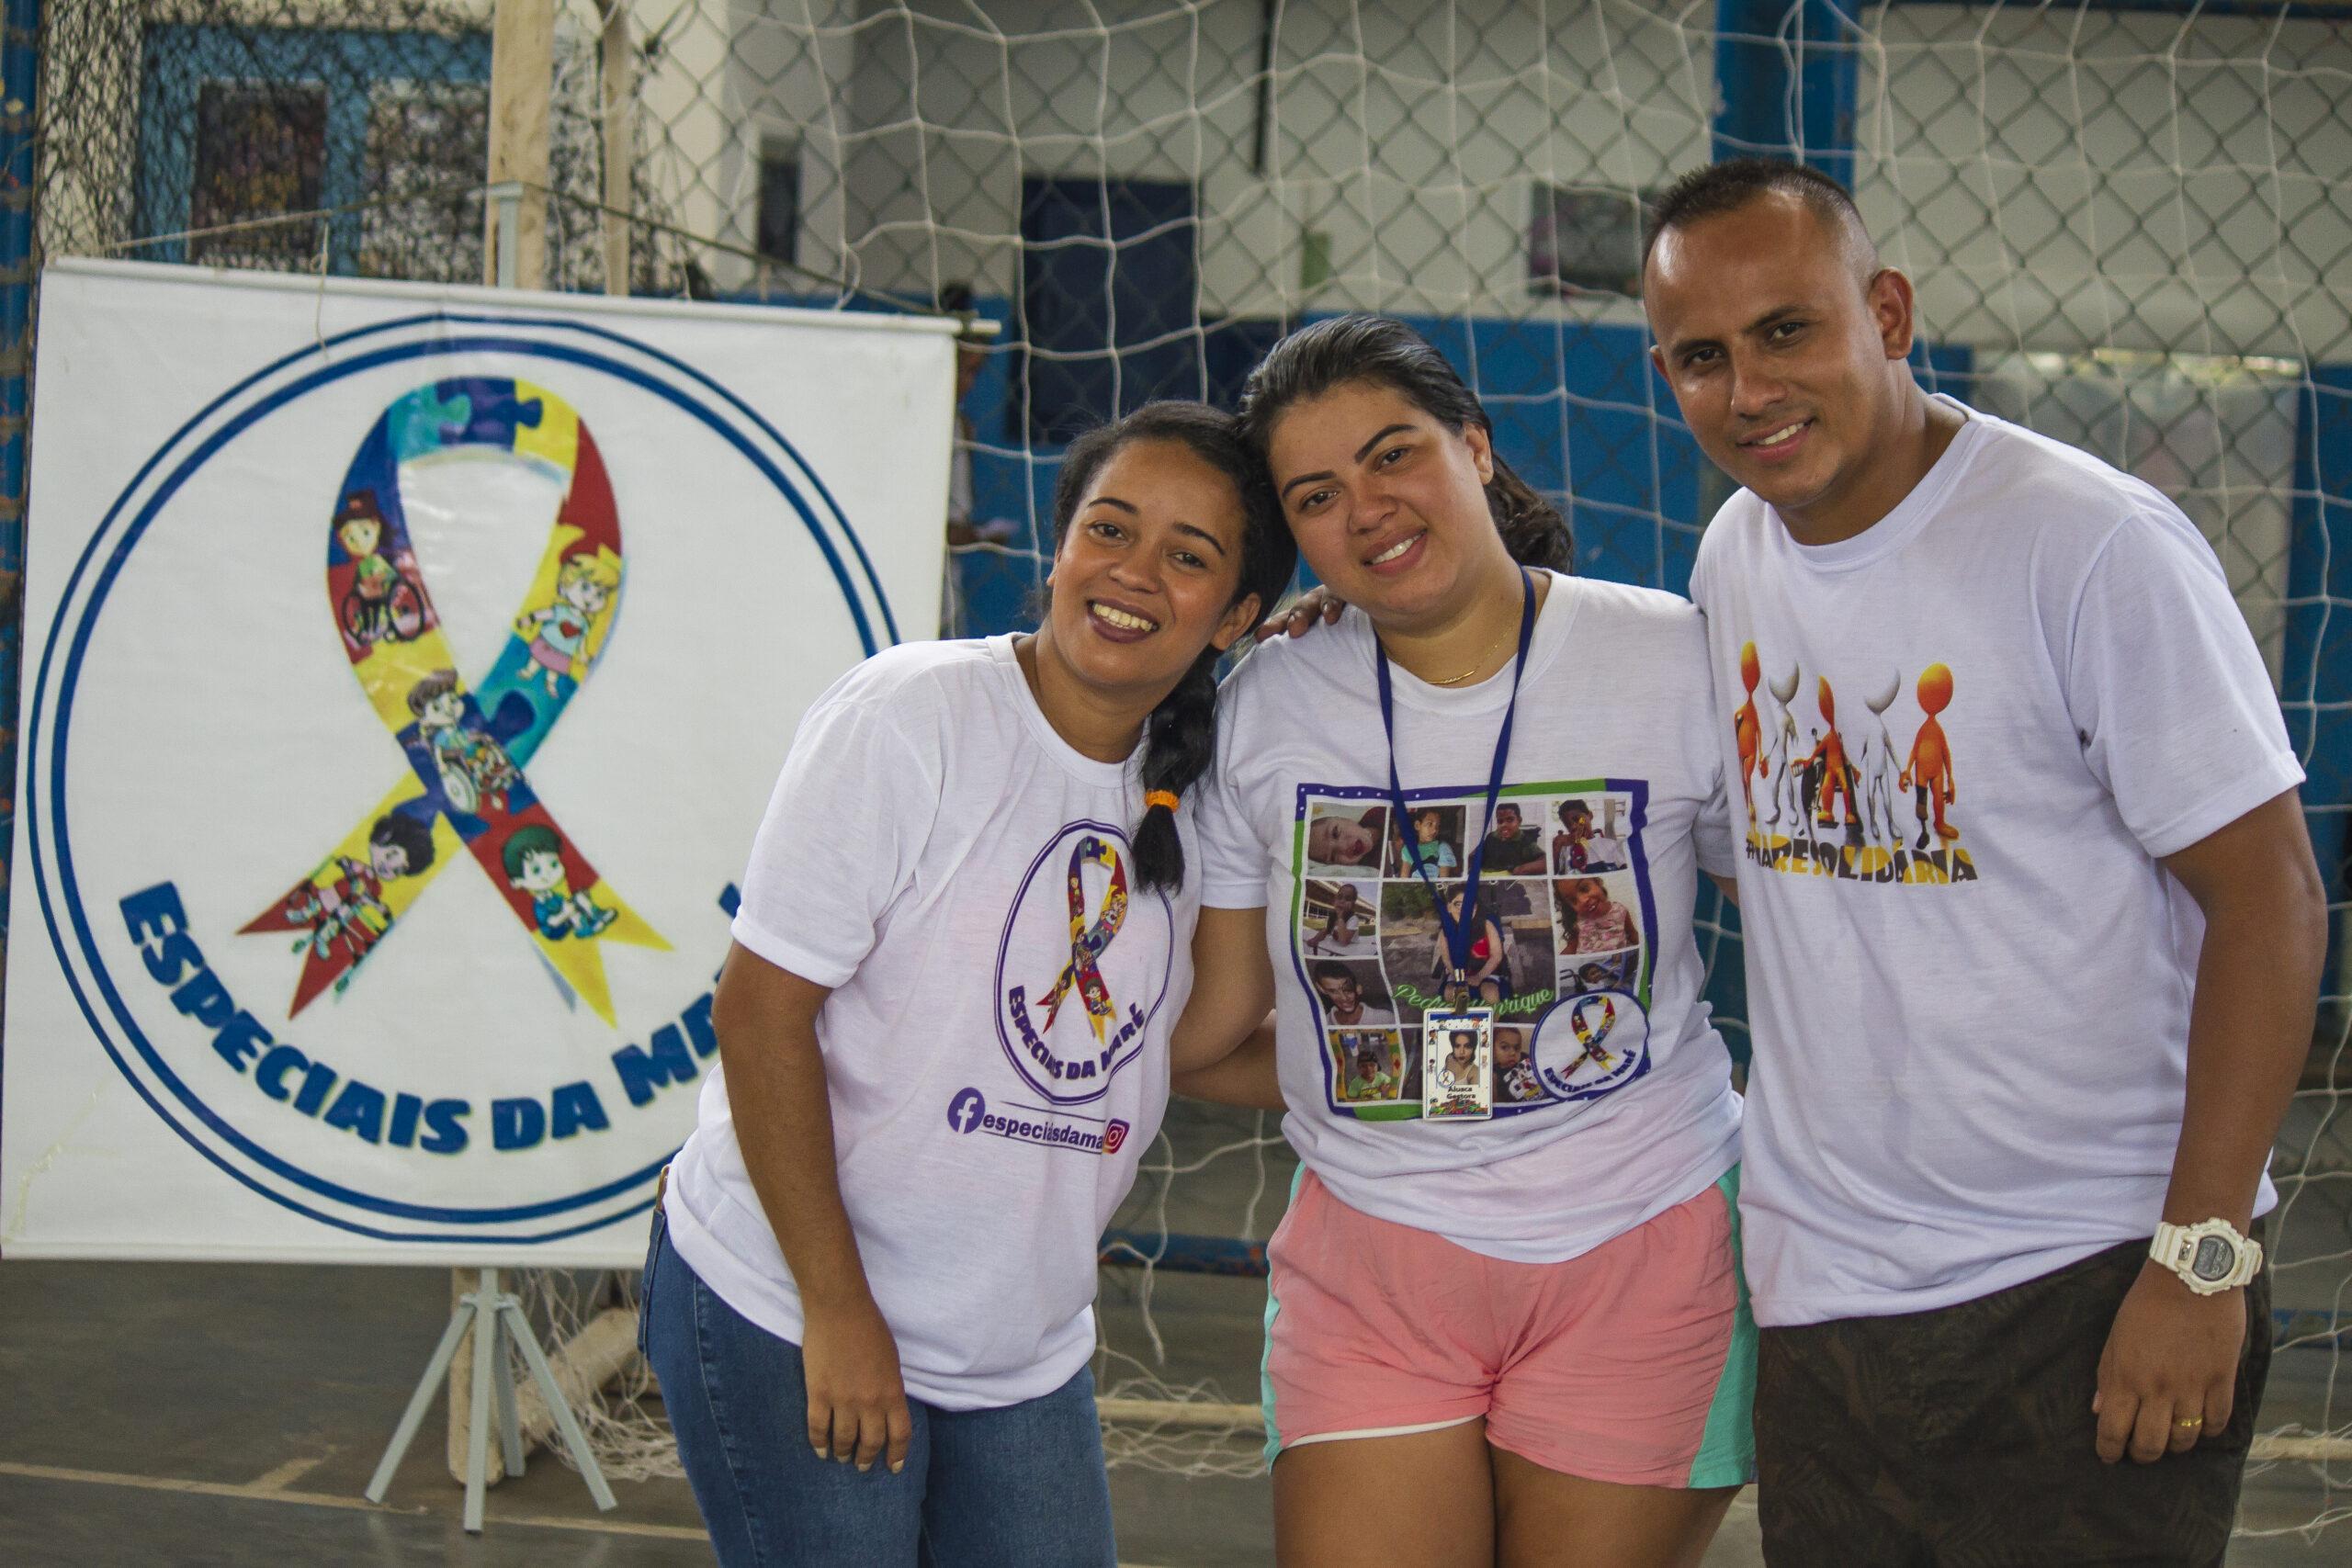 Para homenagear essa brava gente brasileira, a Lei nº 11.287 de 2006 institui o 5 de maio como o Dia Nacional do Líder Comunitário. Muitos vivas a eles!